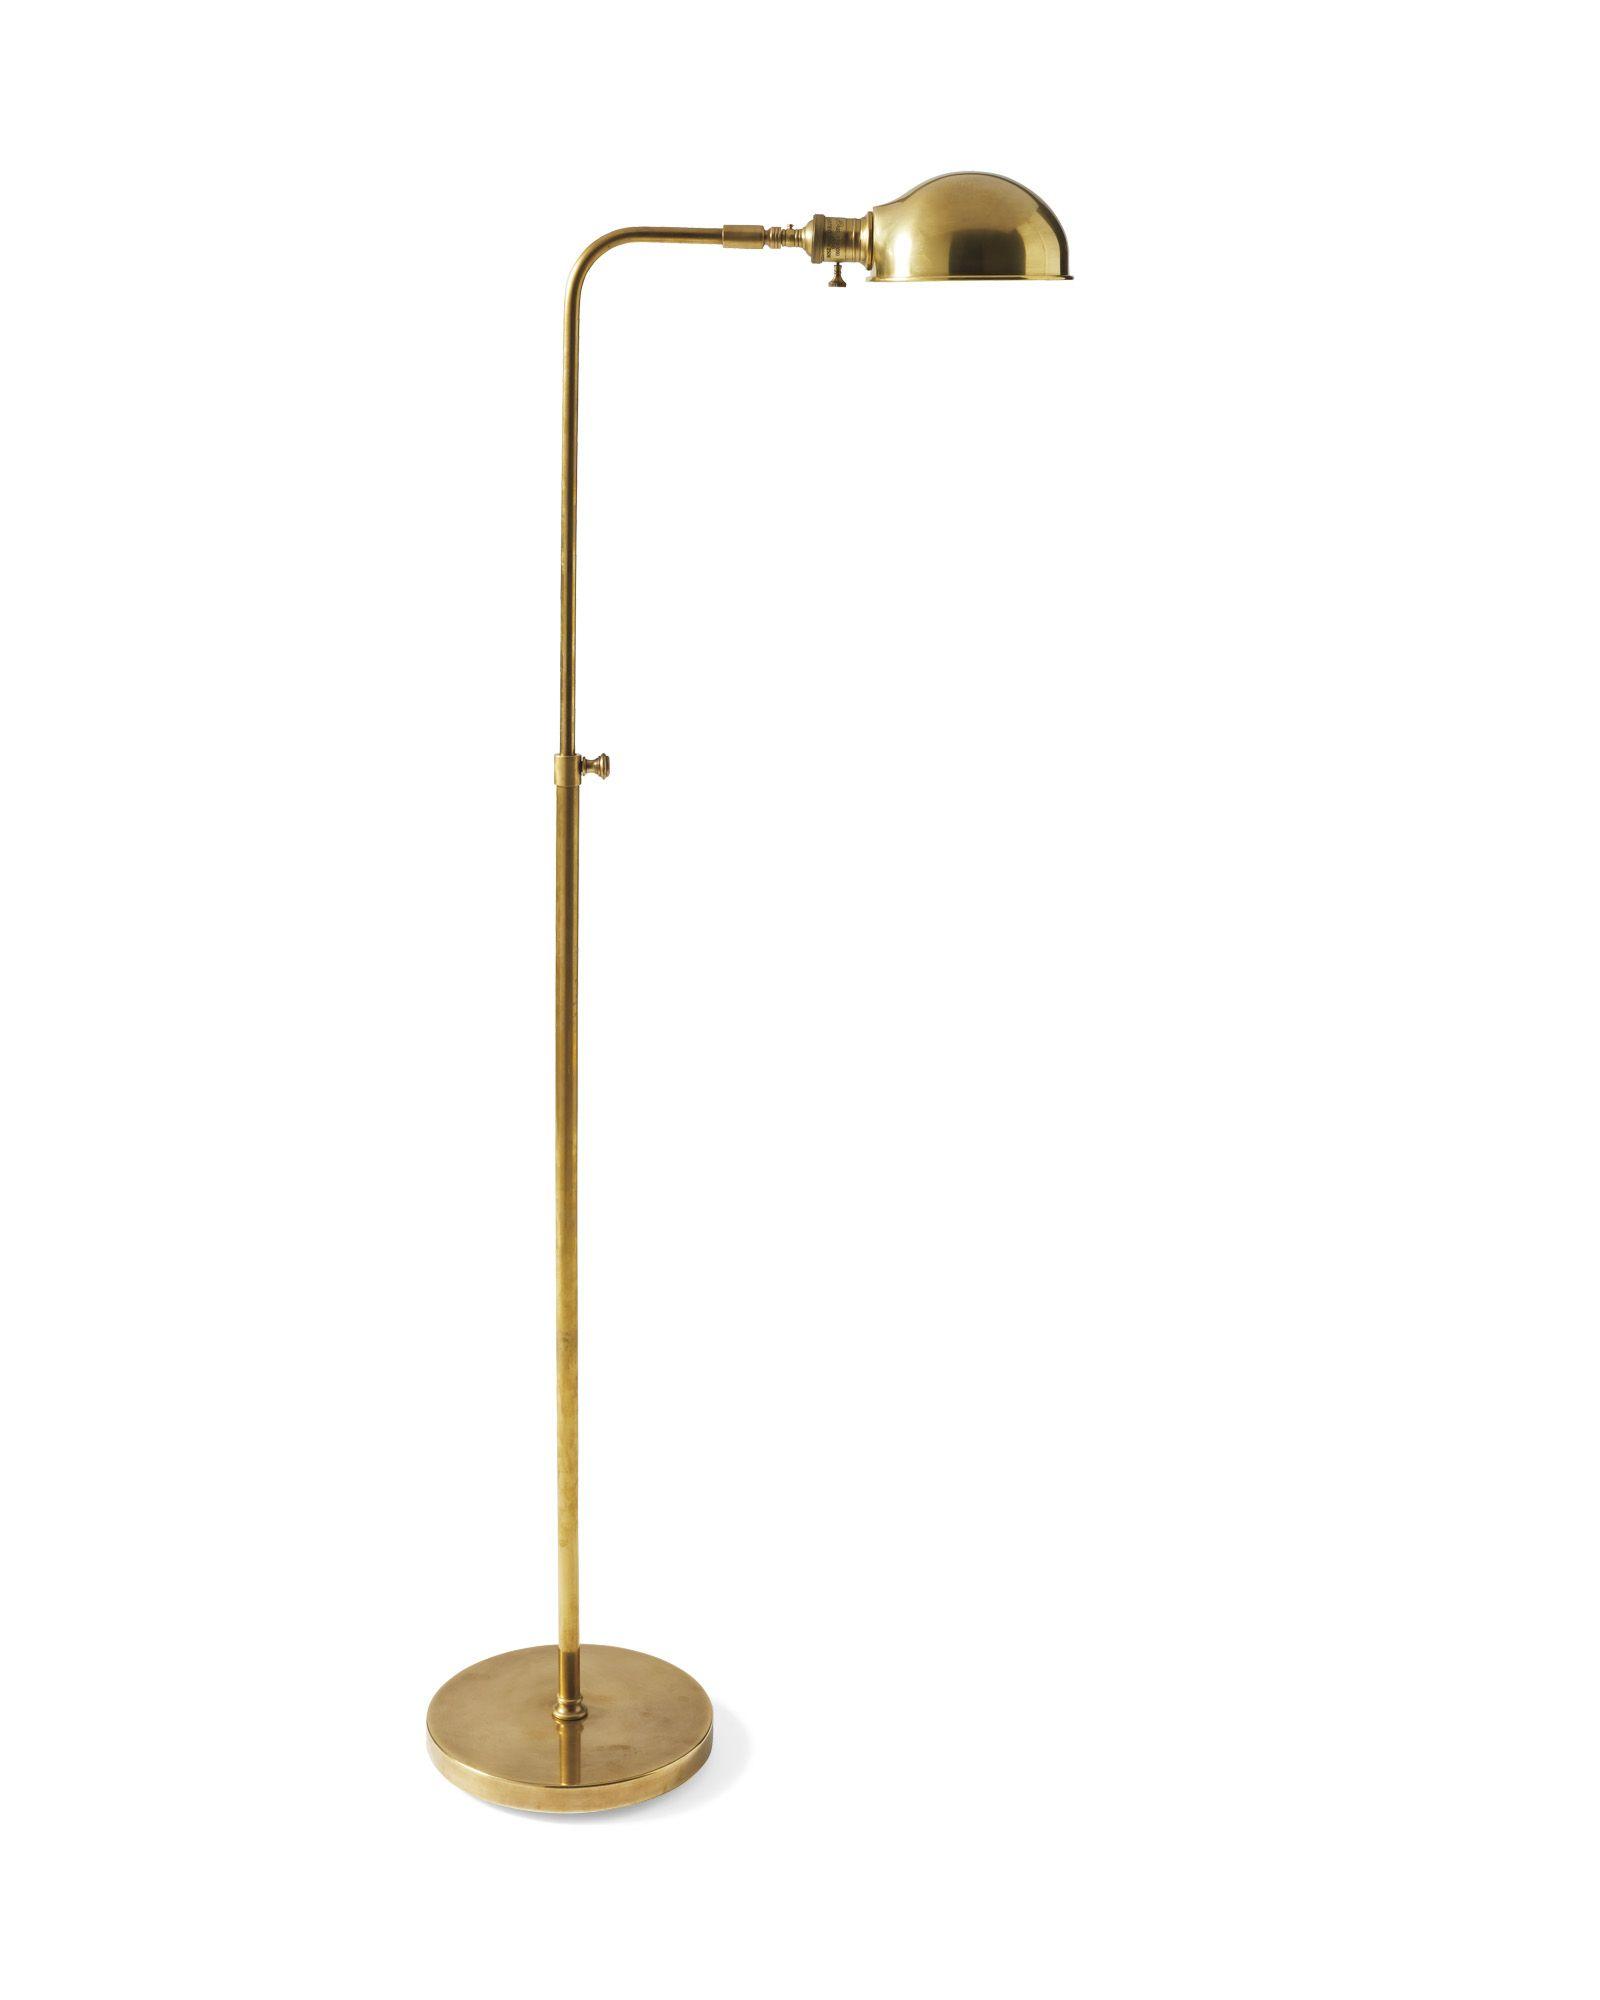 Milton Floor Lamp Antique Floor Lamps Floor Lamp Design Floor Lamp